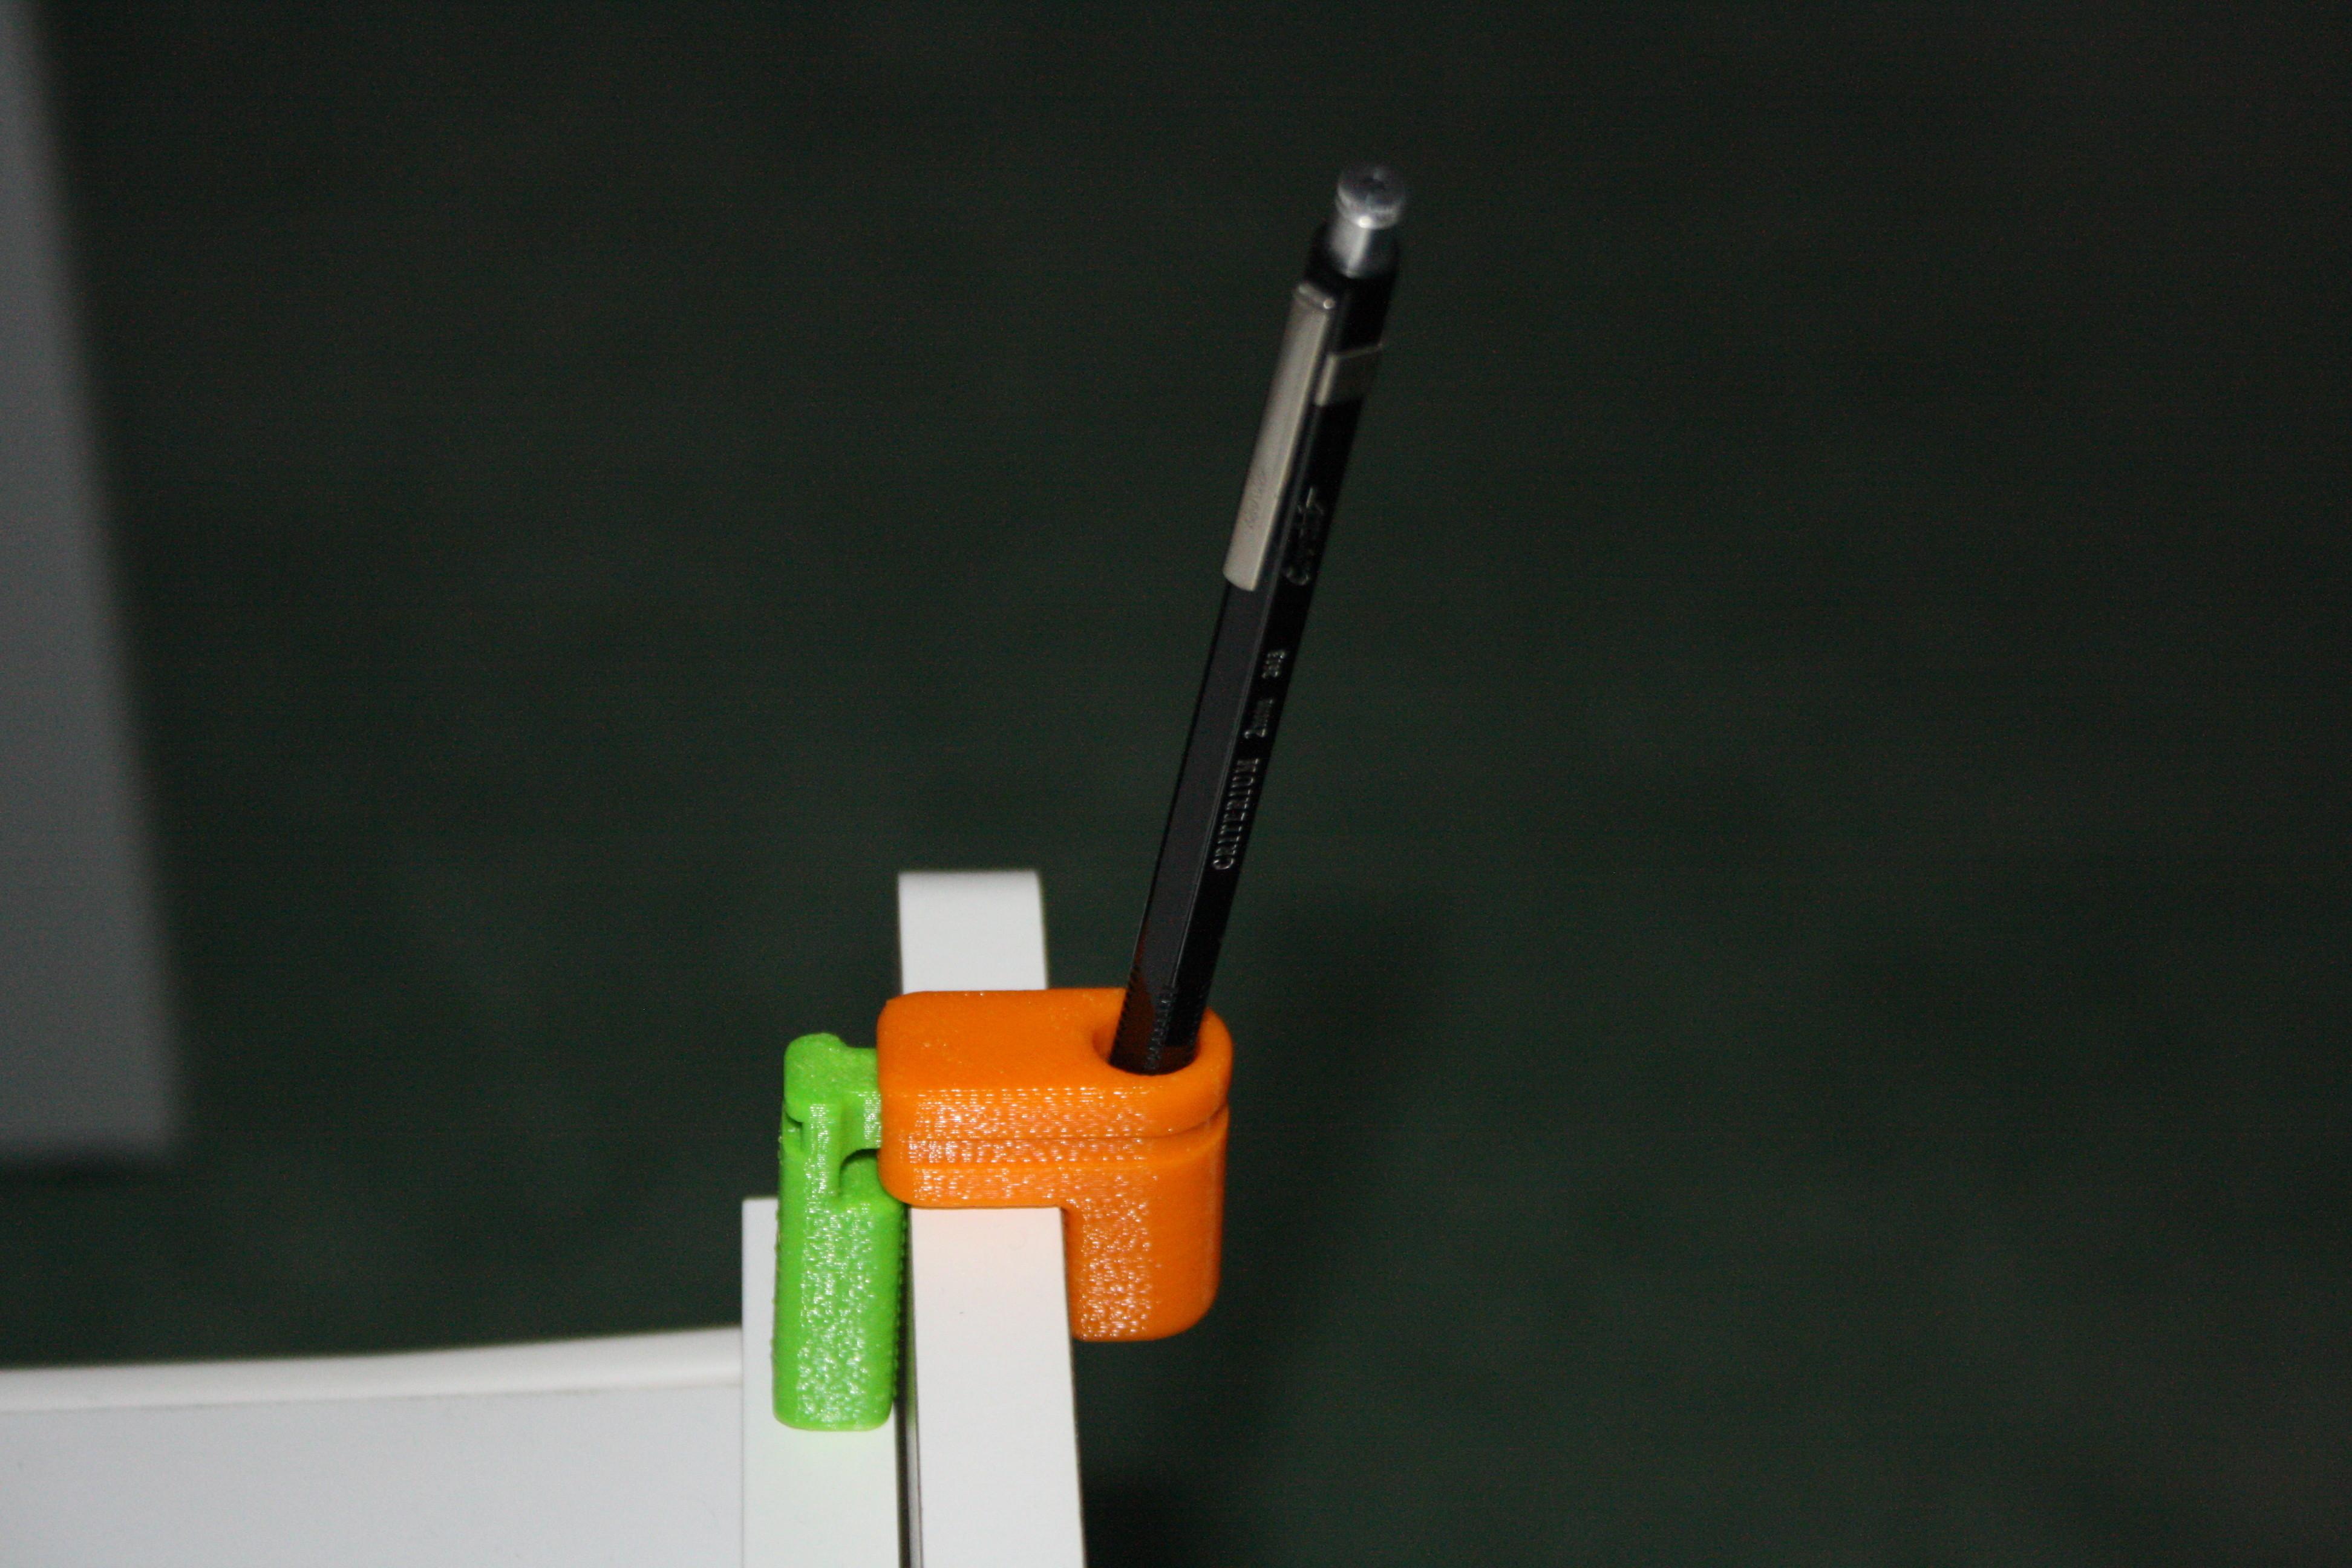 25_1_02014_037.JPG Télécharger fichier STL gratuit Porte-crayon à pincer • Design à imprimer en 3D, JJB